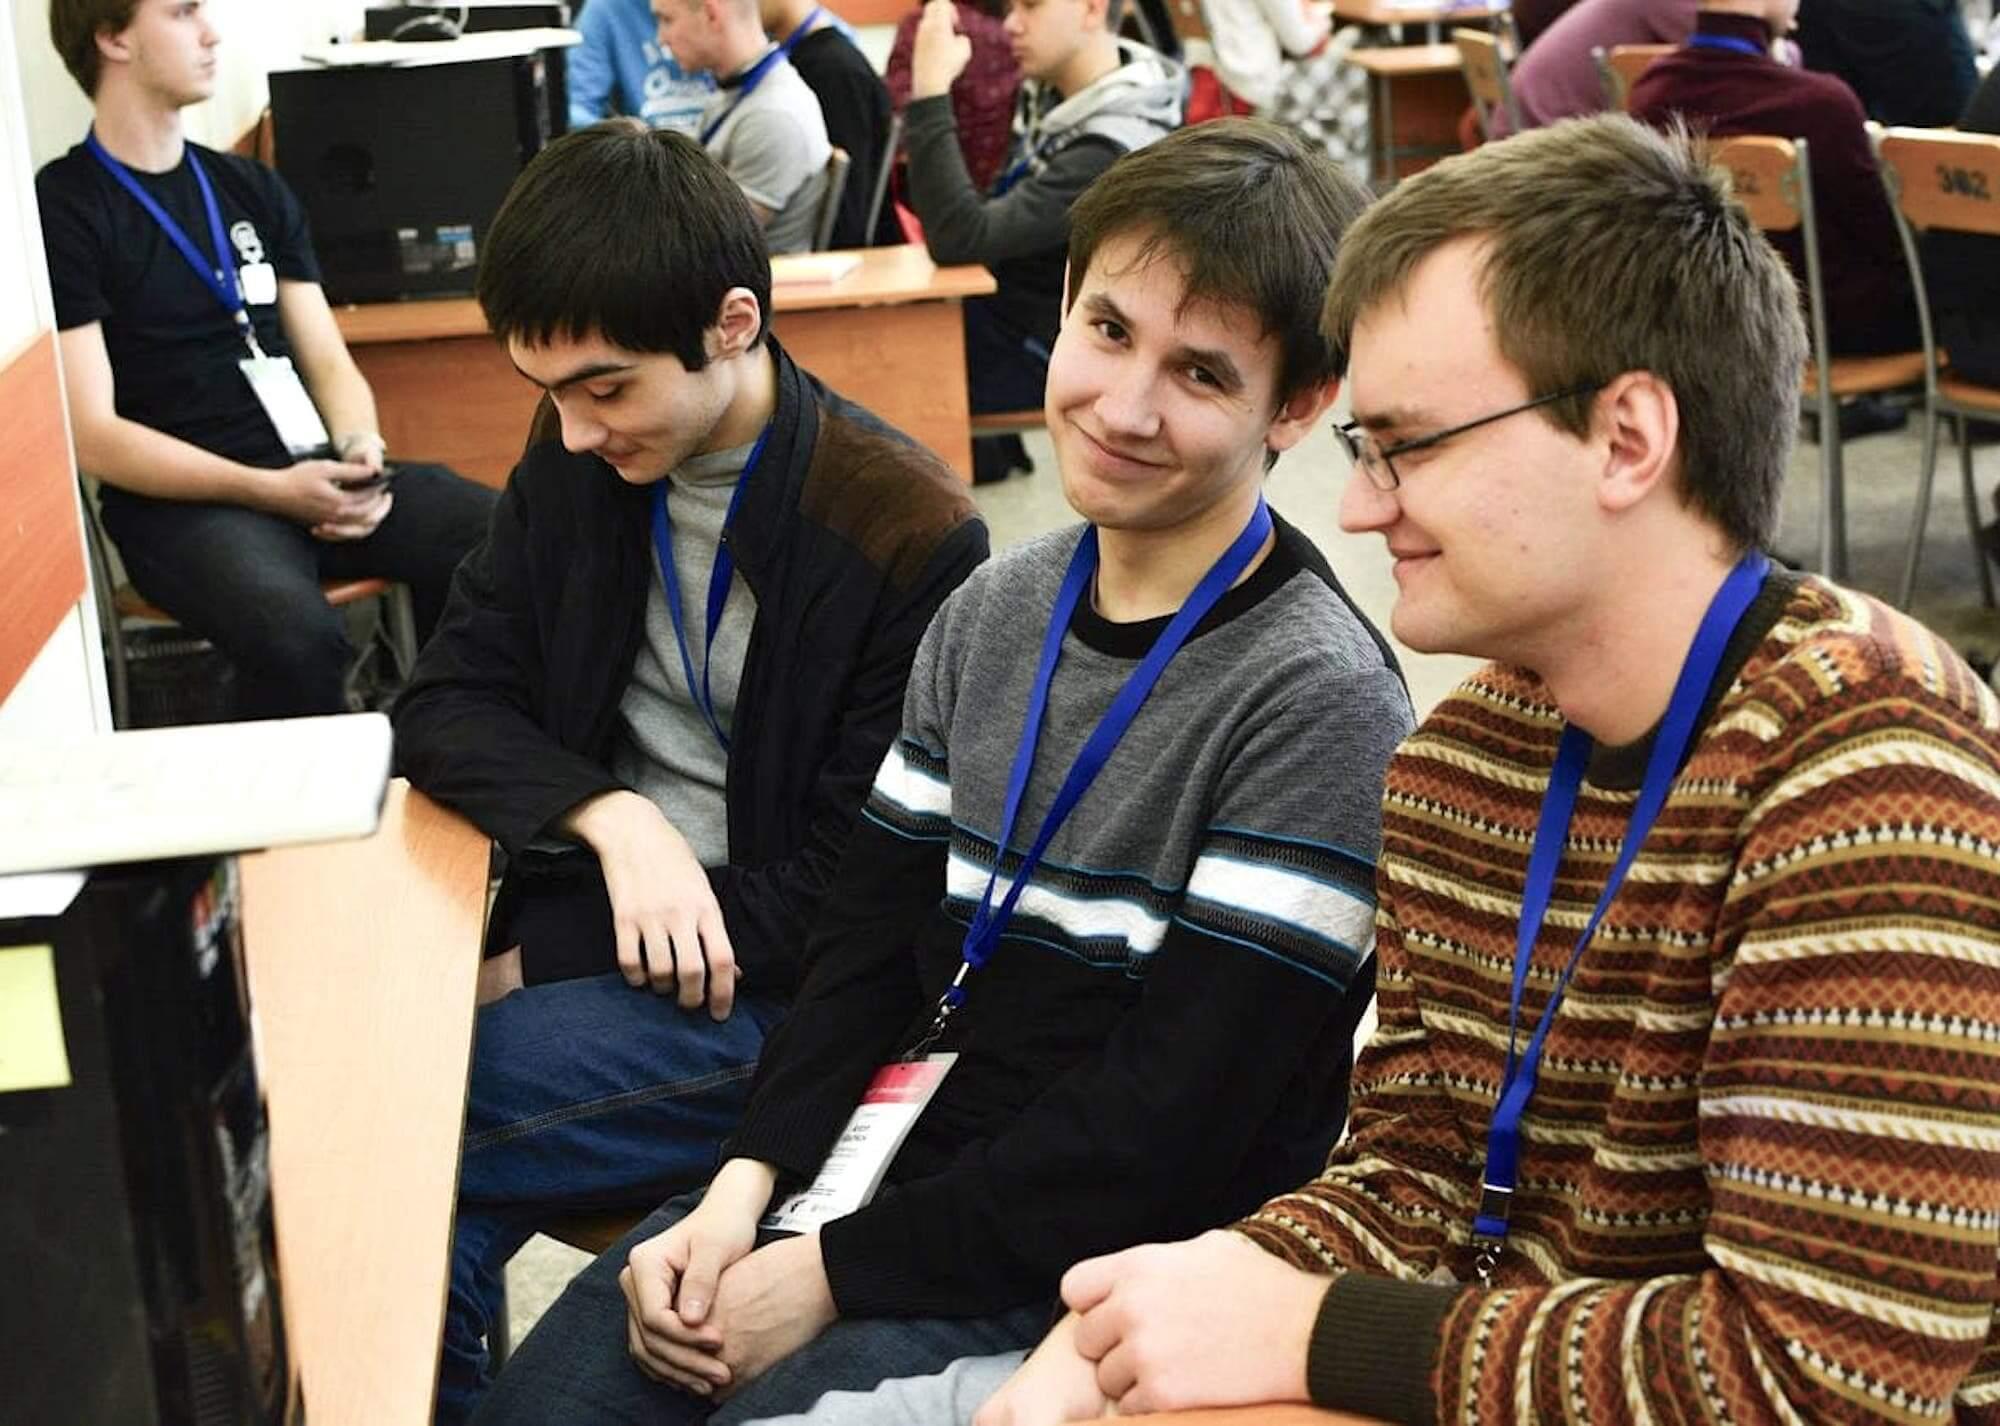 Личный опыт подготовка к магистратуре JetBrains в Университете ИТМО и первые впечатления